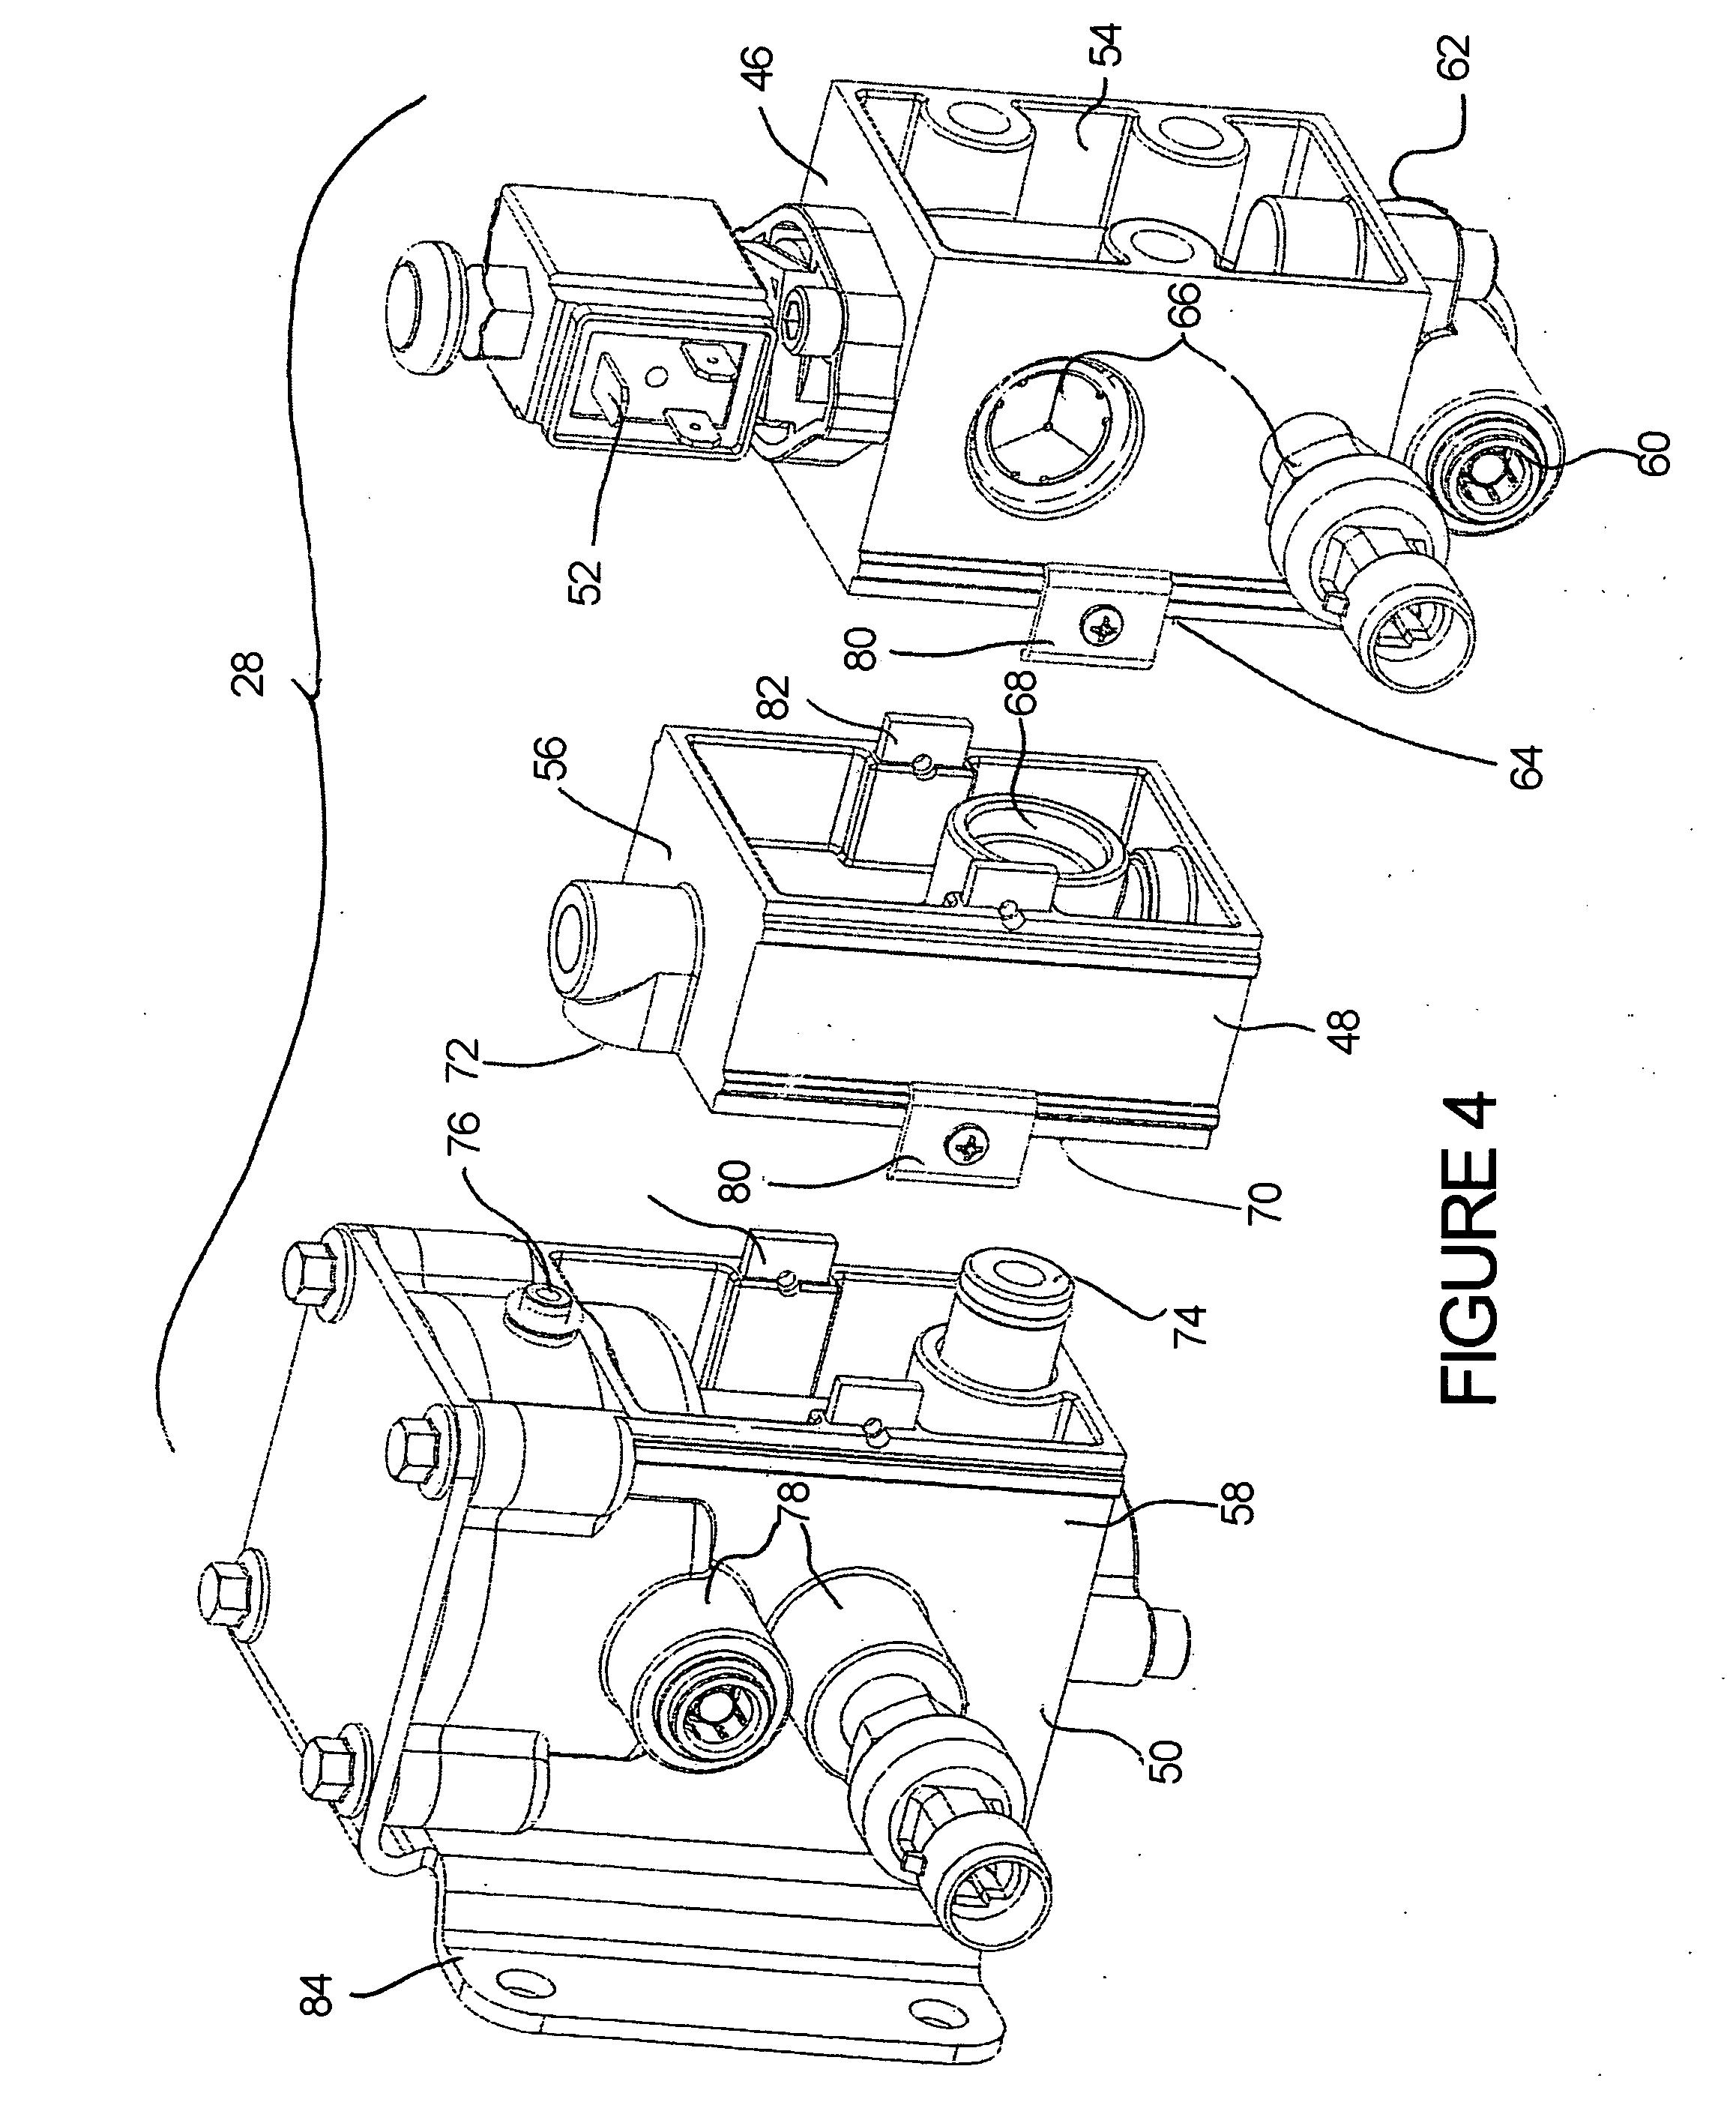 براءة الاختراع US20060284480 - Modular electronic brake